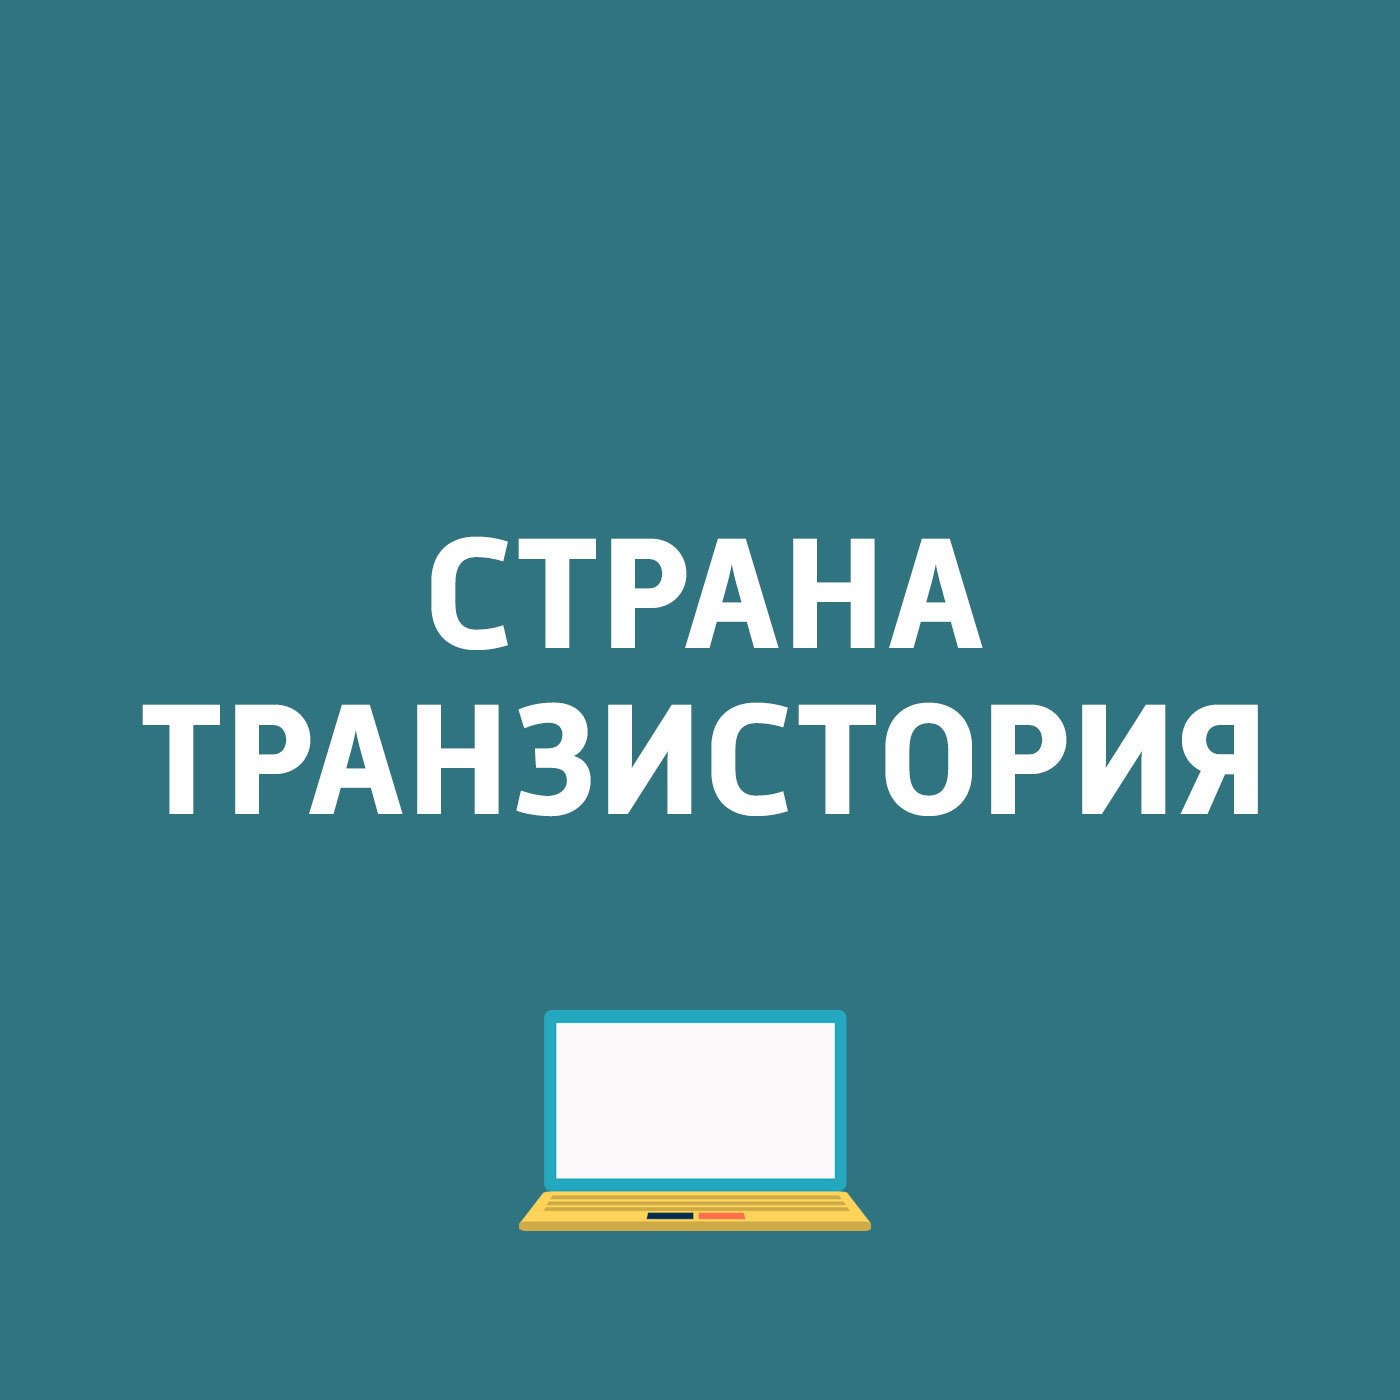 все цены на Картаев Павел Начало продаж в России Blade A6 Max; Планы Apple по выпуску нового поколения MacBook Air; «Доктор Веб